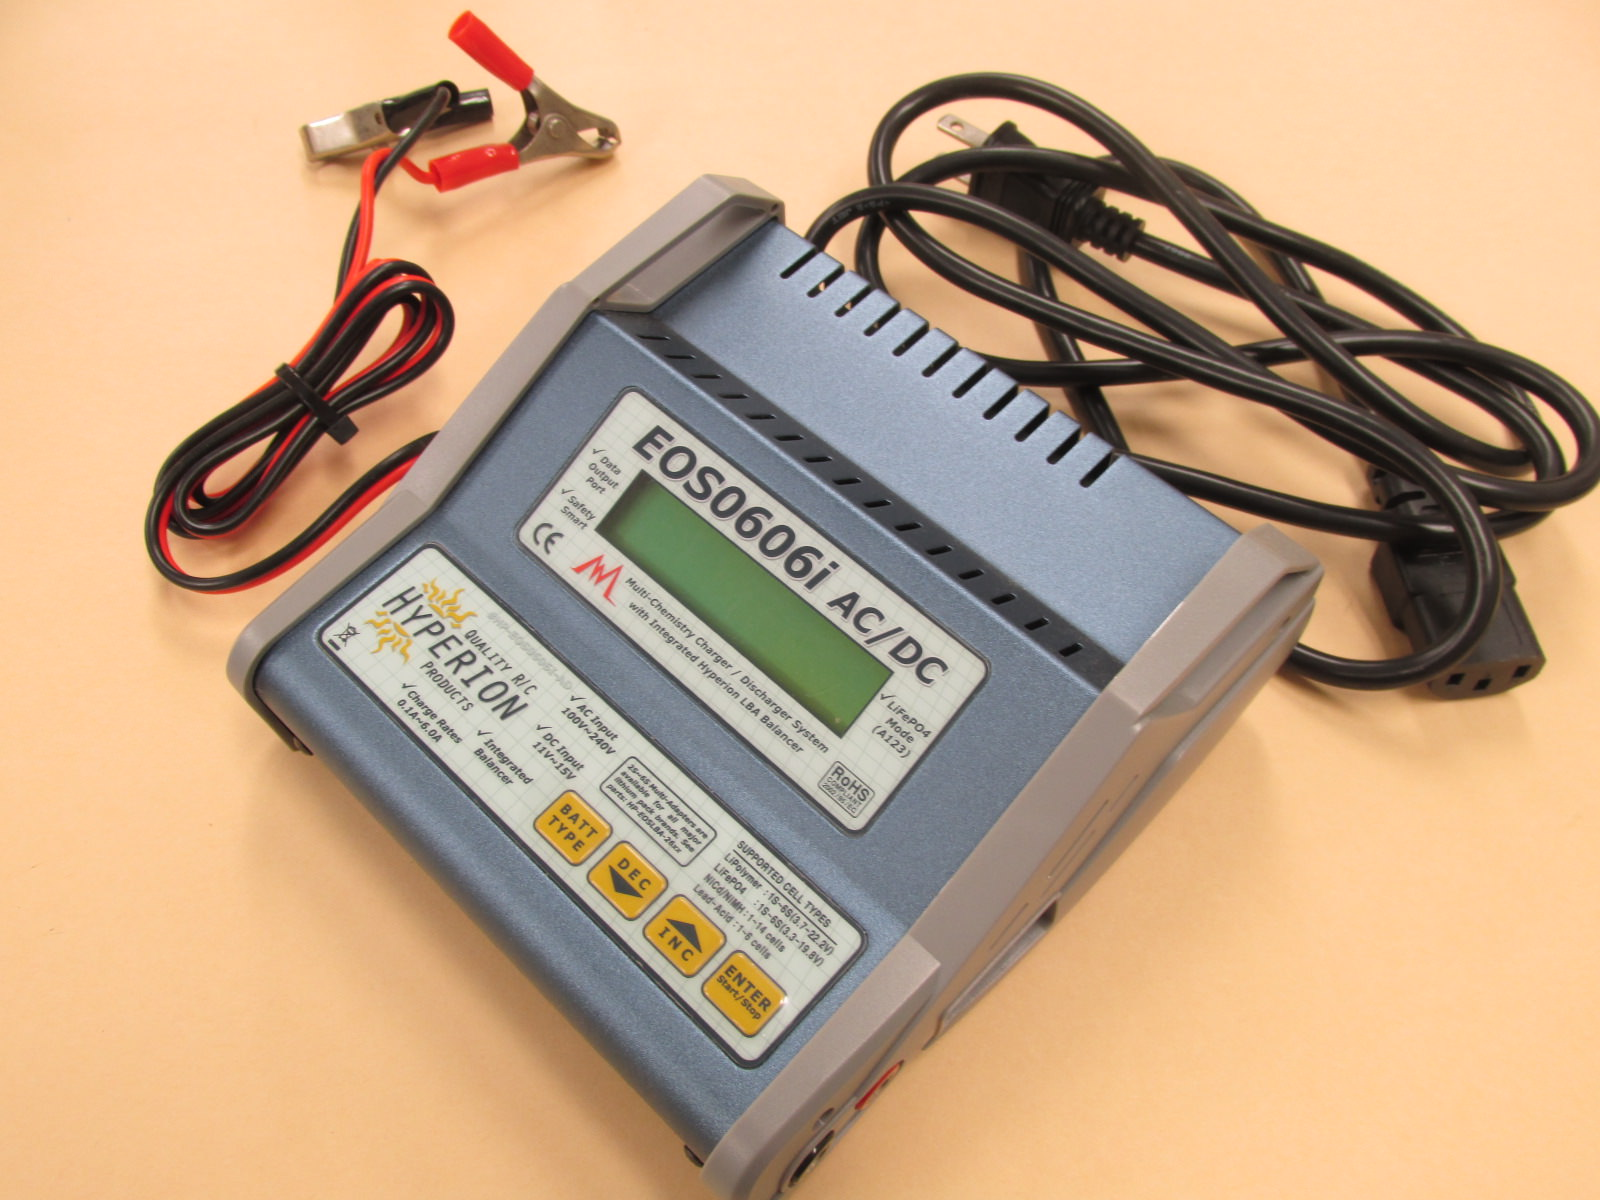 ハイペリオン EOS0606i AC/DC 急速充電器 欠品あり